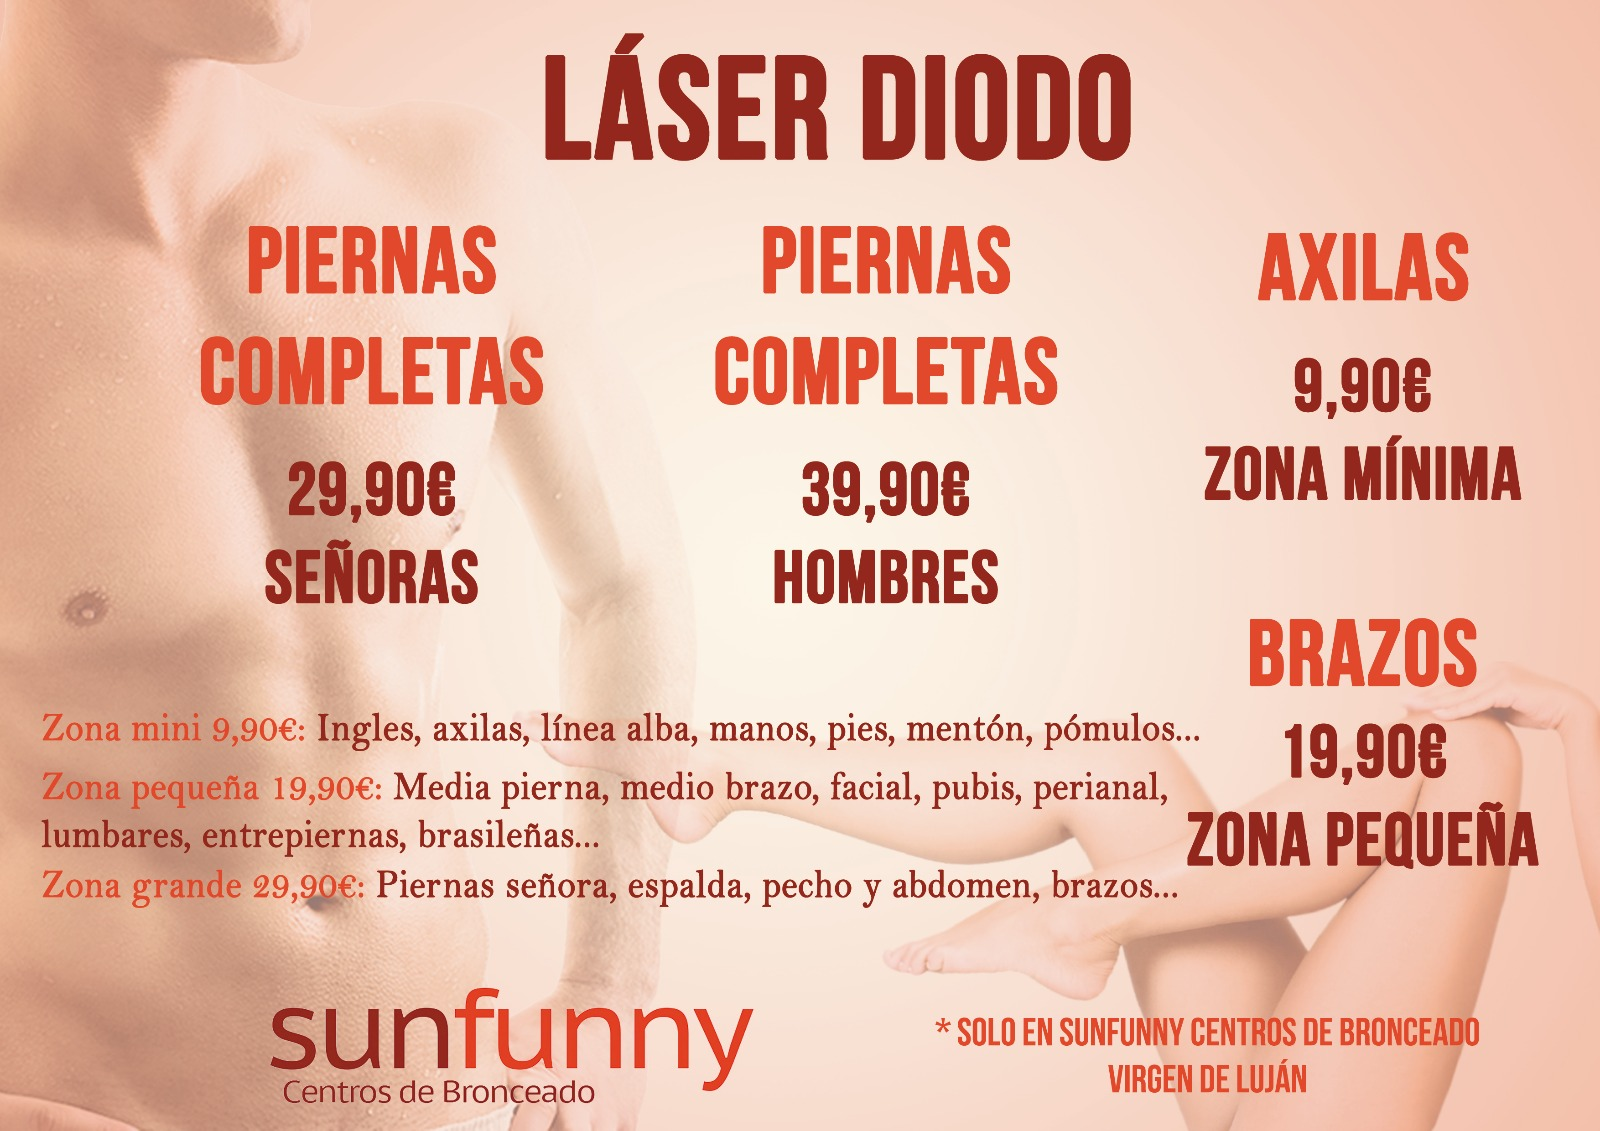 Depilación láser de diodo en Sevilla